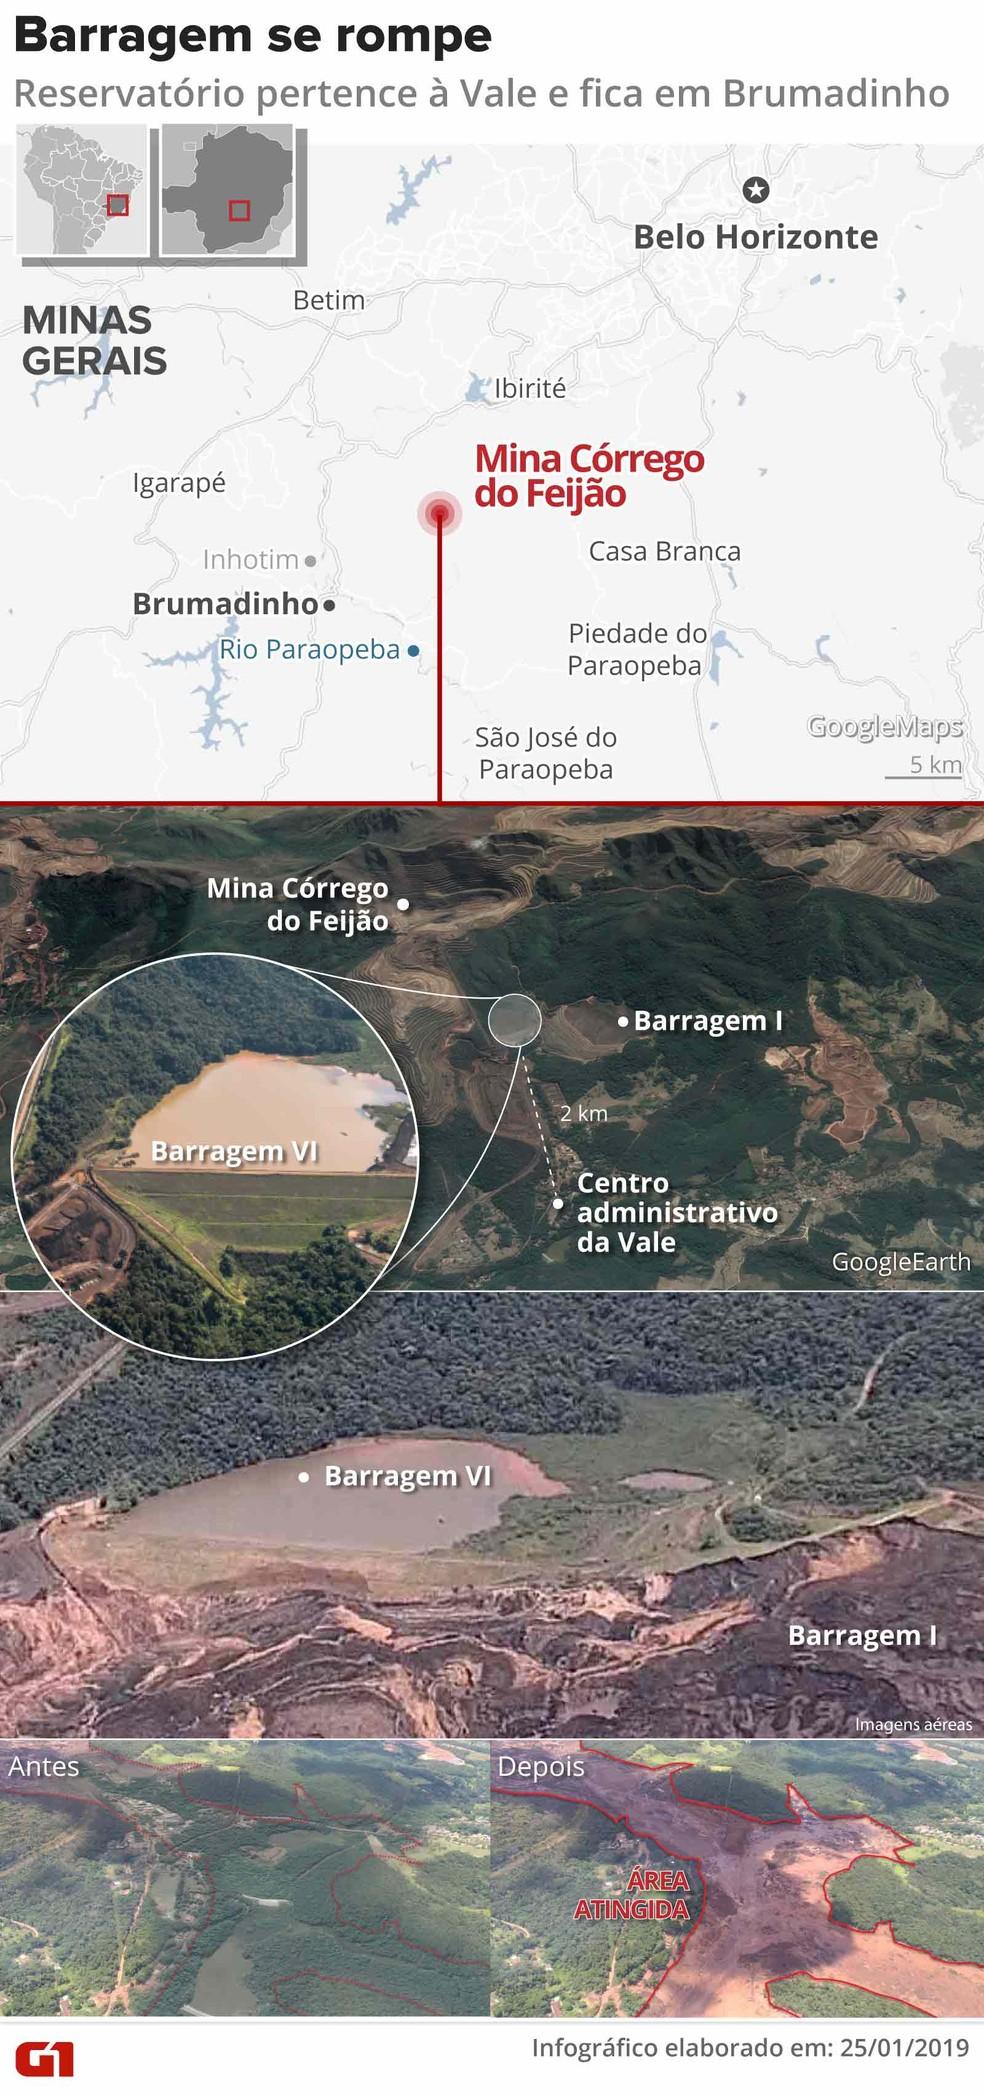 Rompimento de barragem da Vale em Brumadinho (MG) — Foto: G1